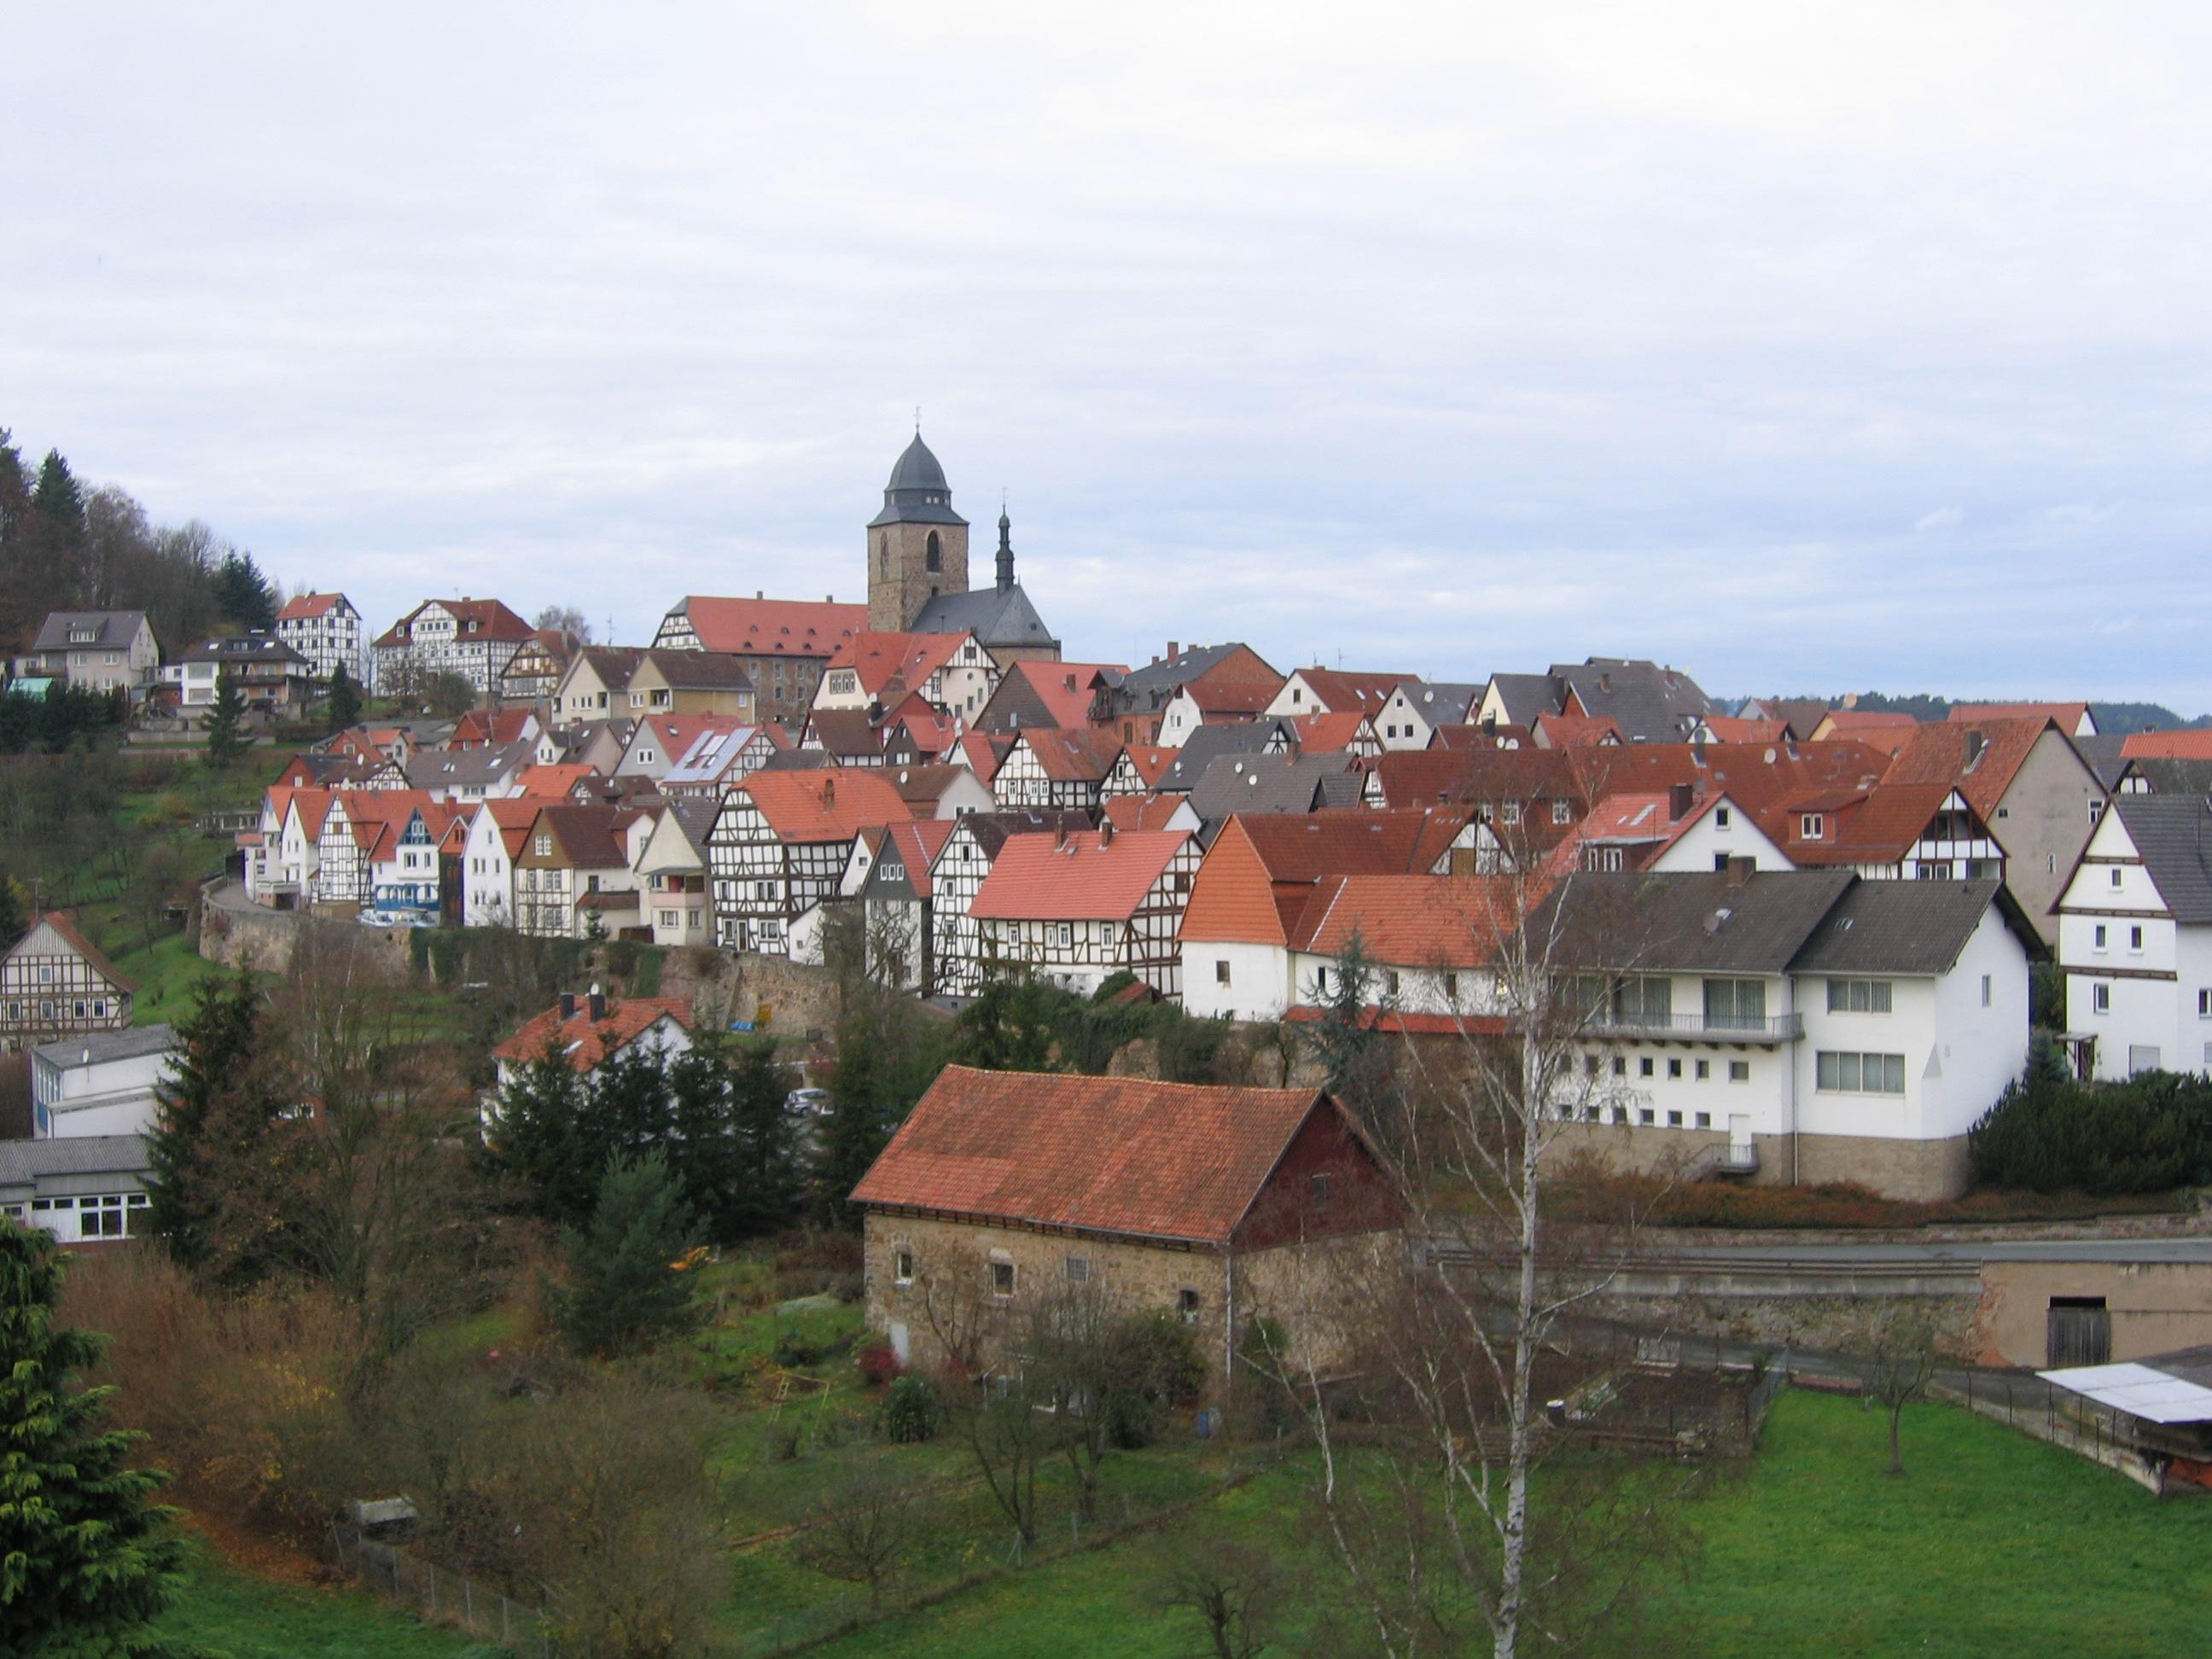 Naumburg Scenarios